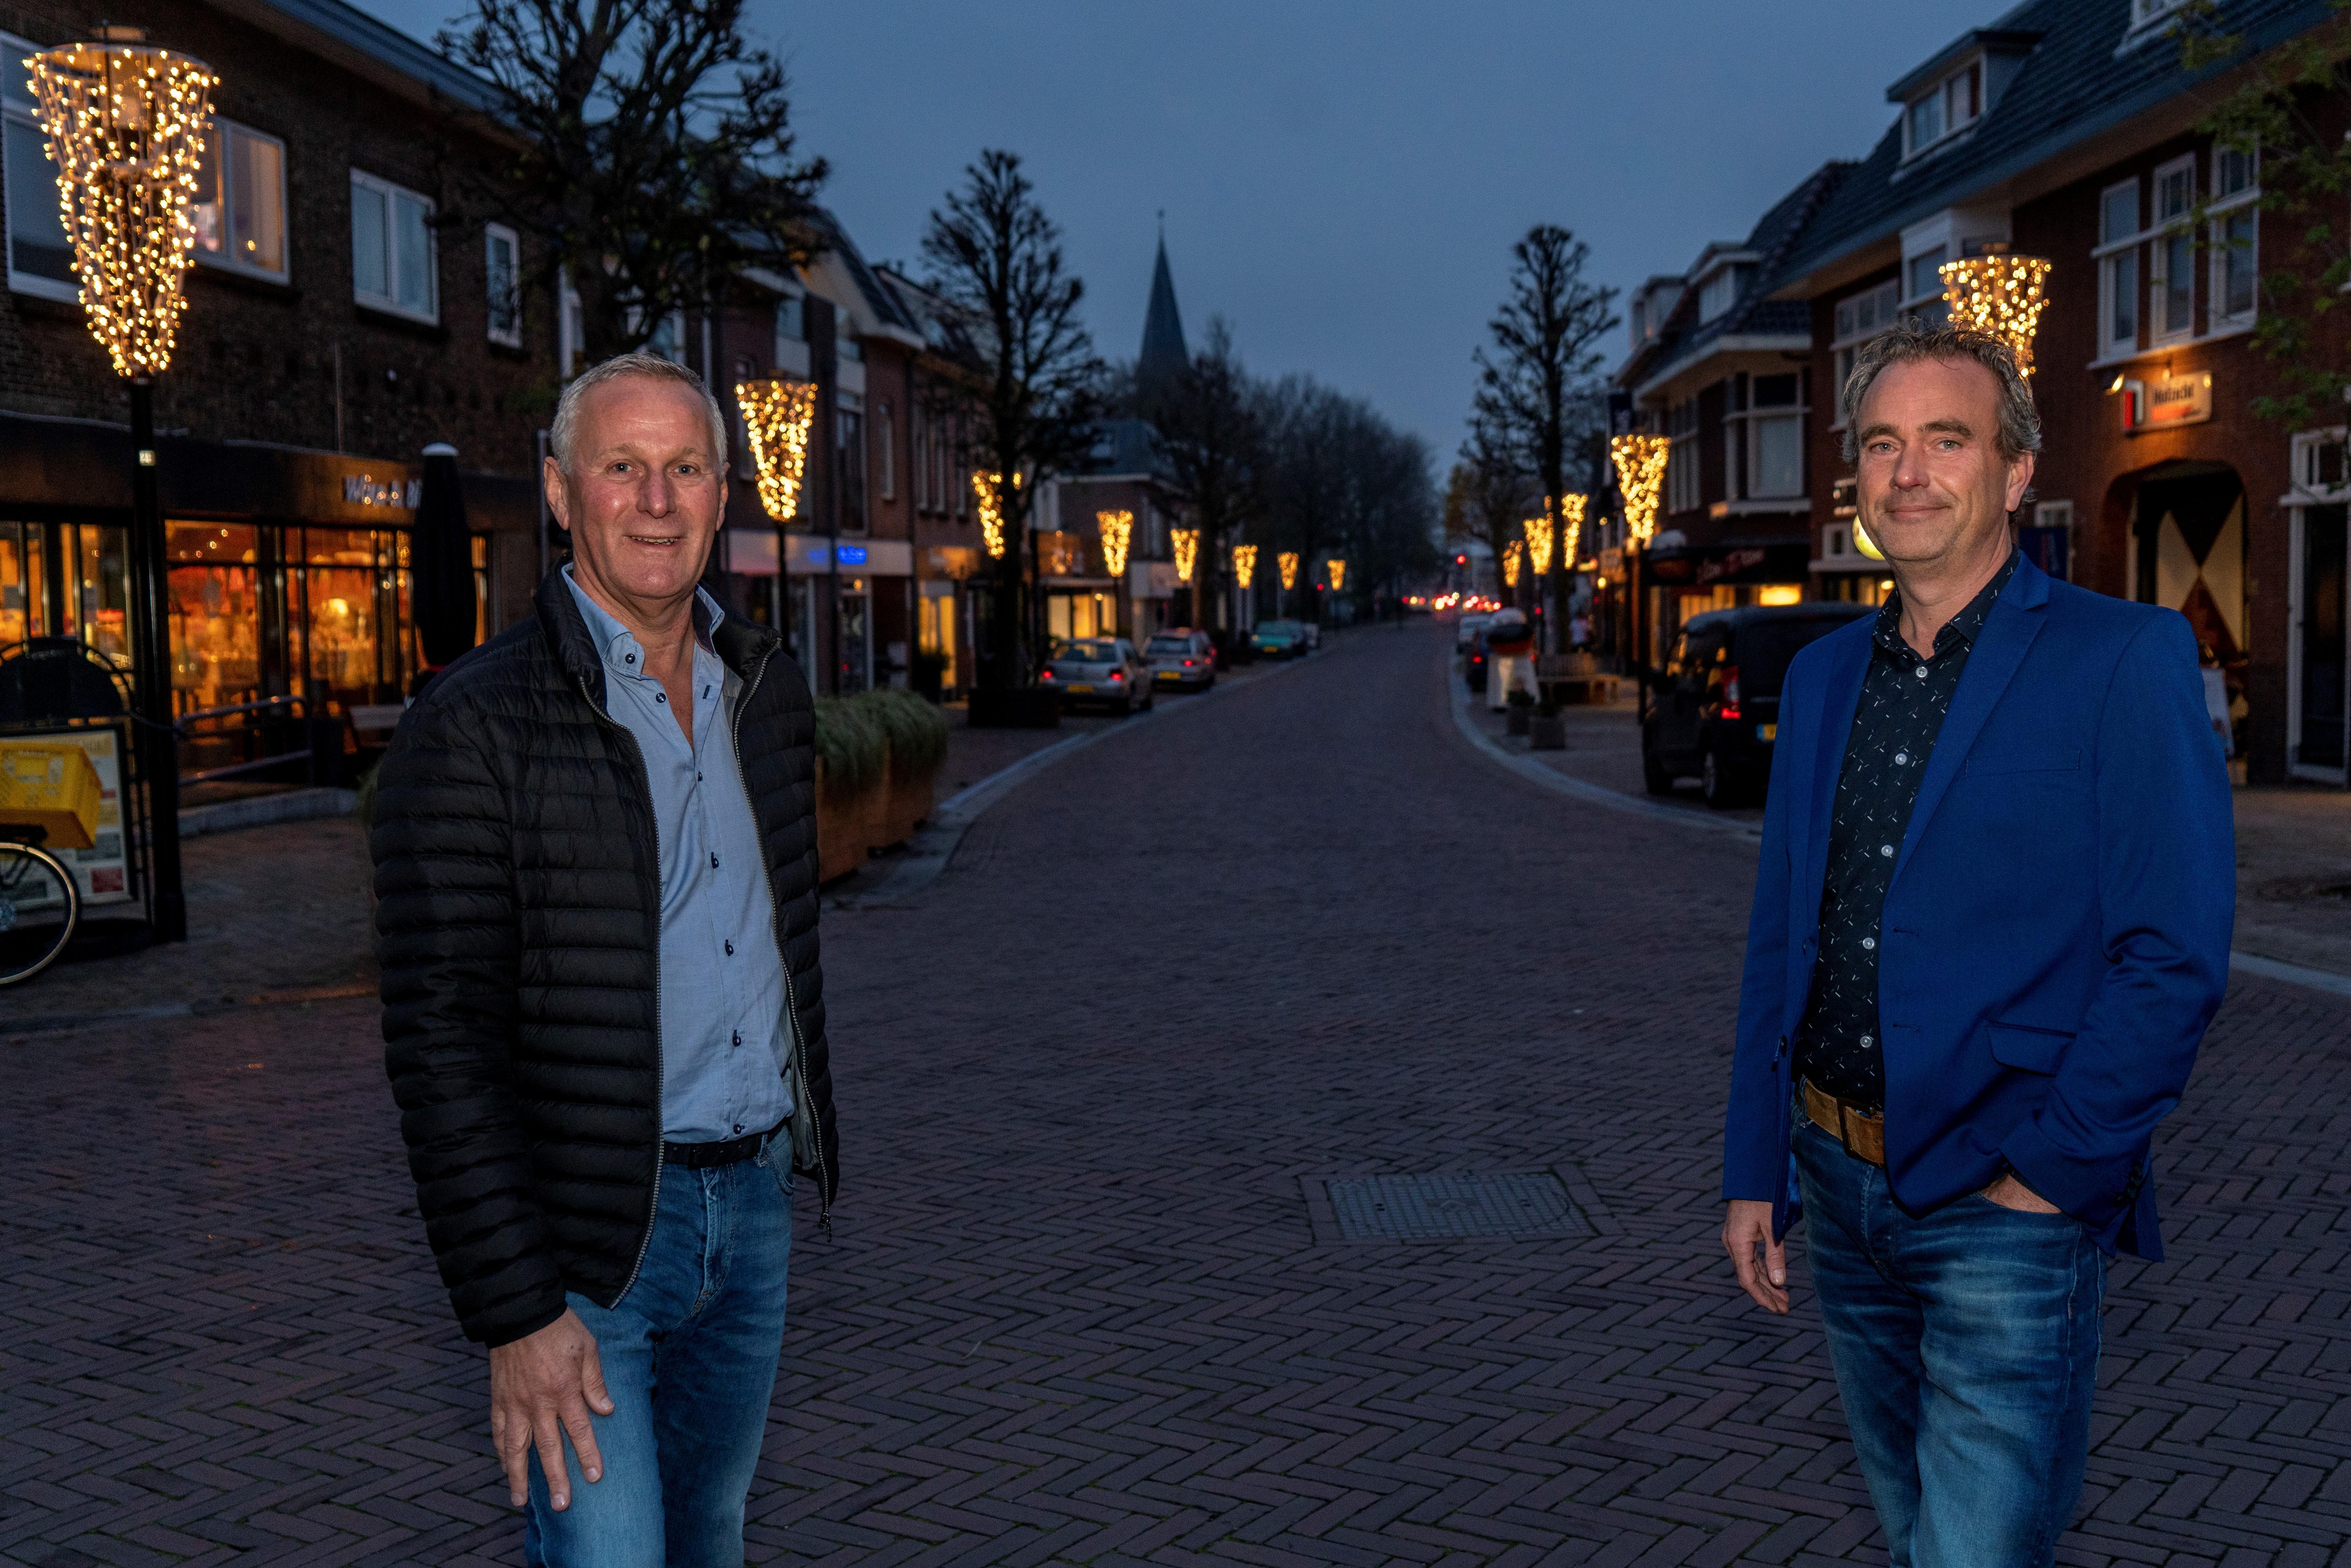 Sfeerverlichting ontstoken in Hillegoms centrum: 'Letterlijk en figuurlijk een lichtpuntje in donkere tijden'